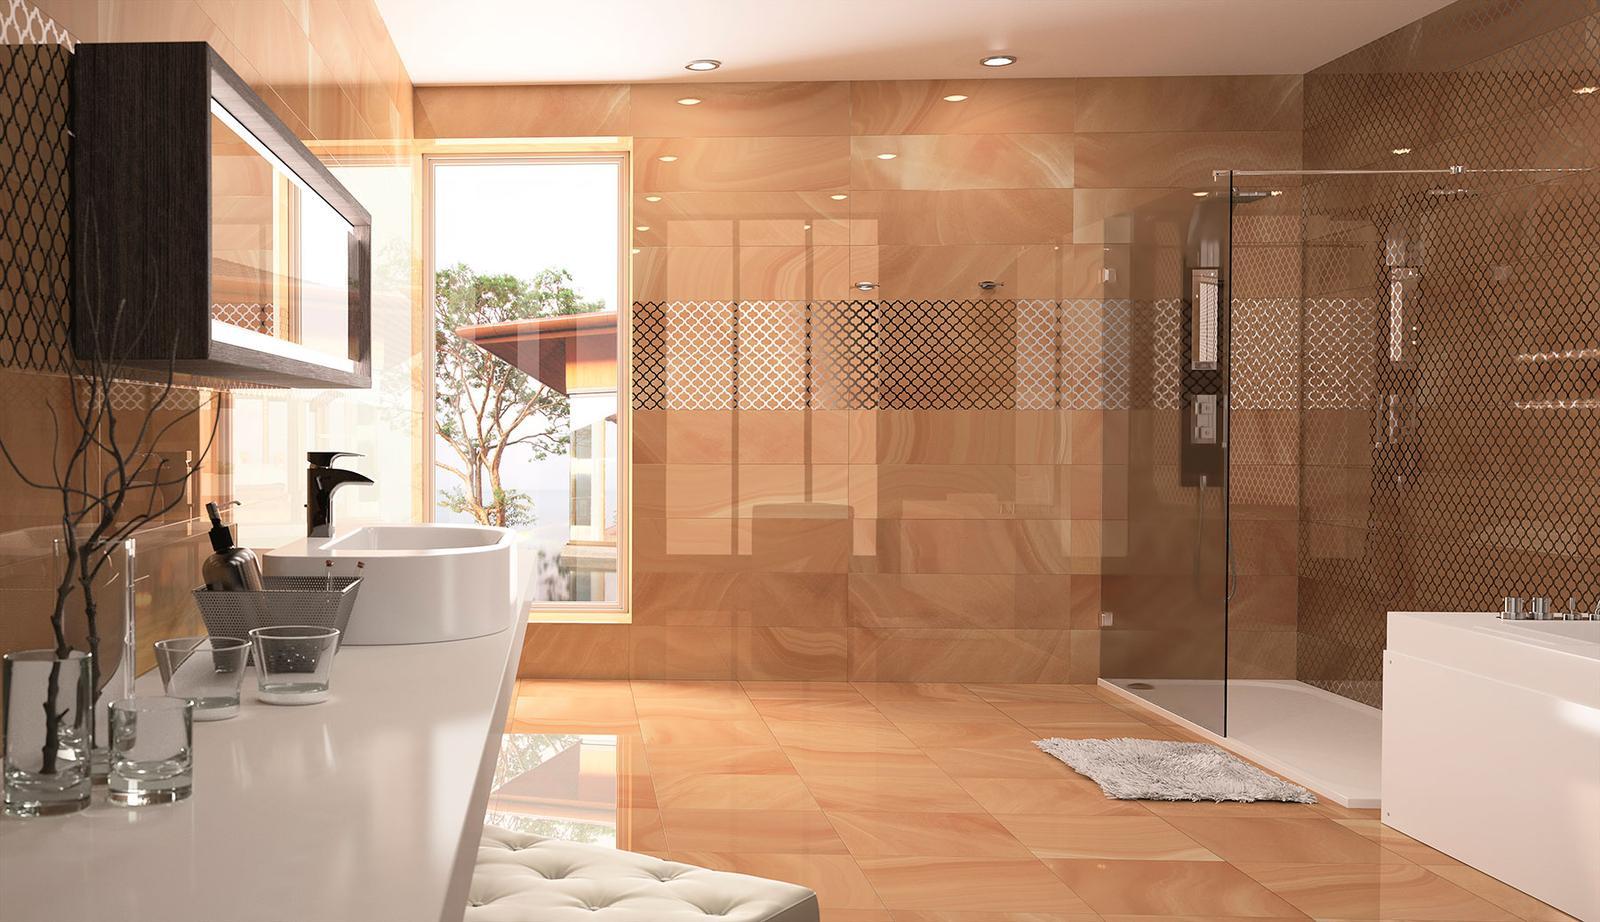 Luxusné kúpelne zo Španielska - luxusná lesklá kúpeľňa Absolute Ambar 25x73